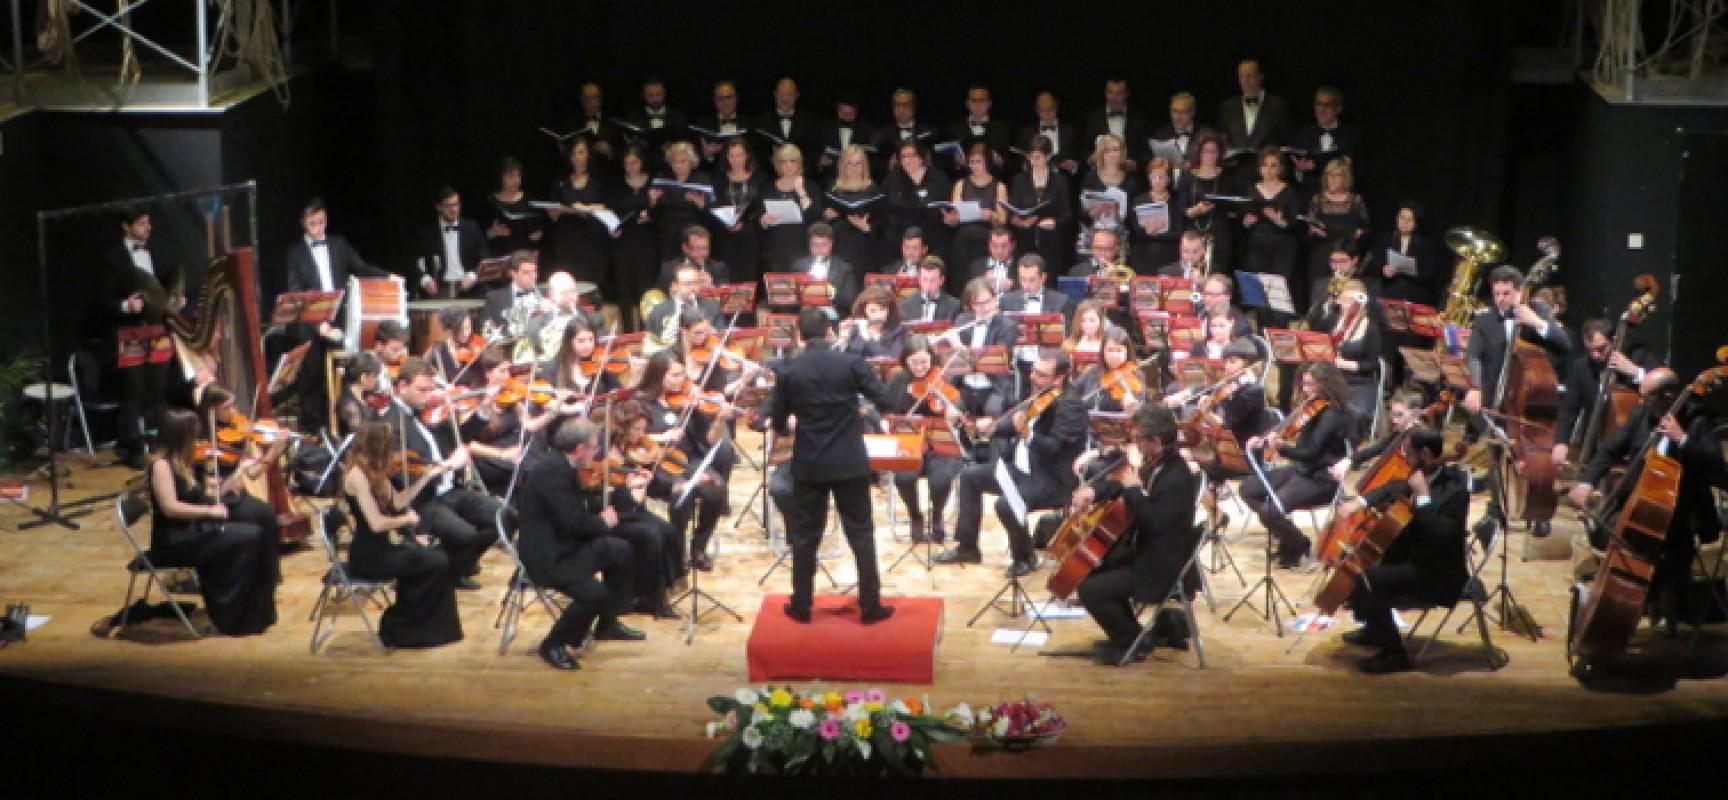 Concerto di Primavera, soddisfatti e partecipi gli spettatori del Teatro Garibaldi / FOTO